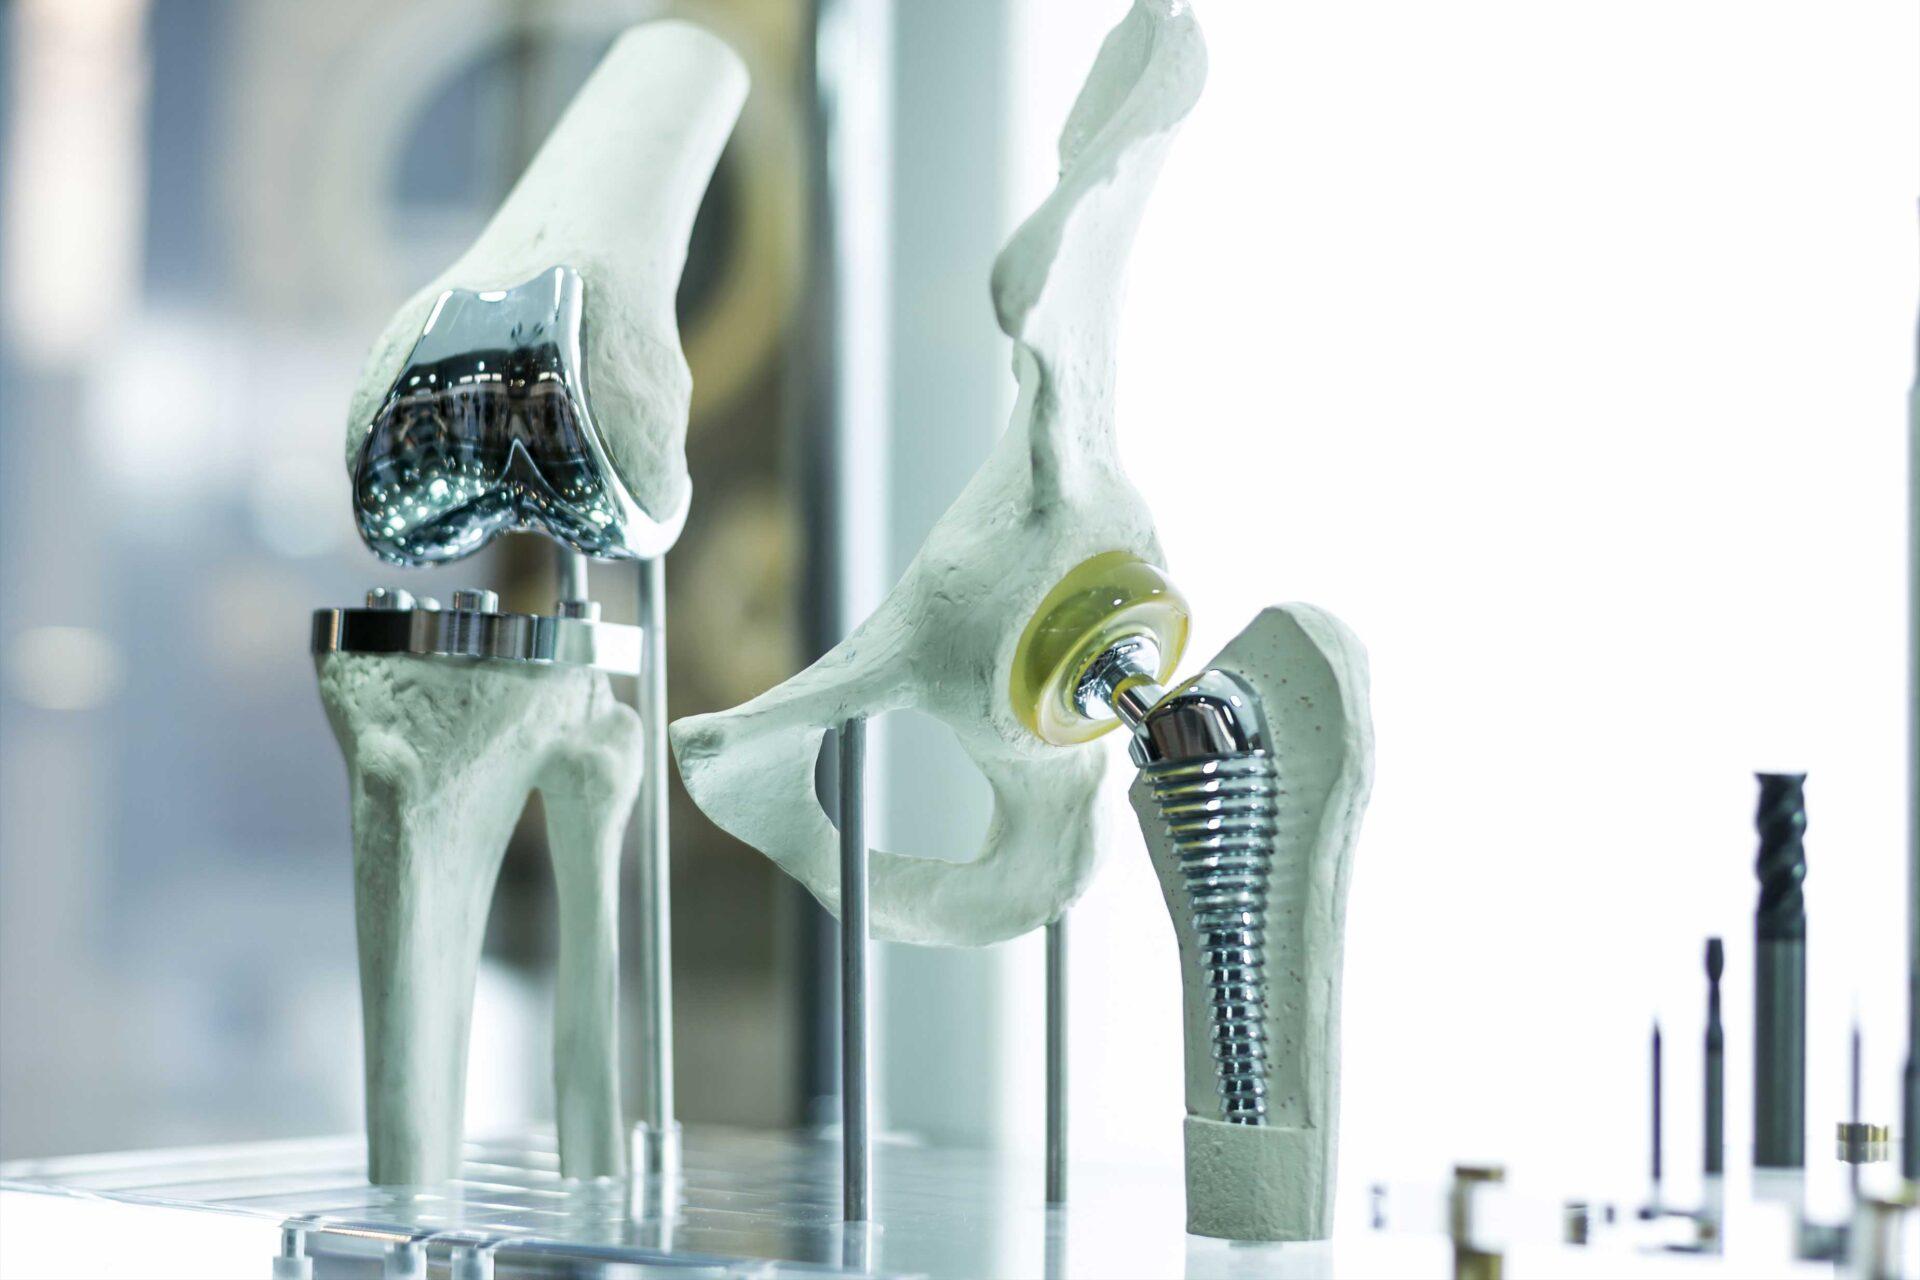 squelette prothèse médicale allemande